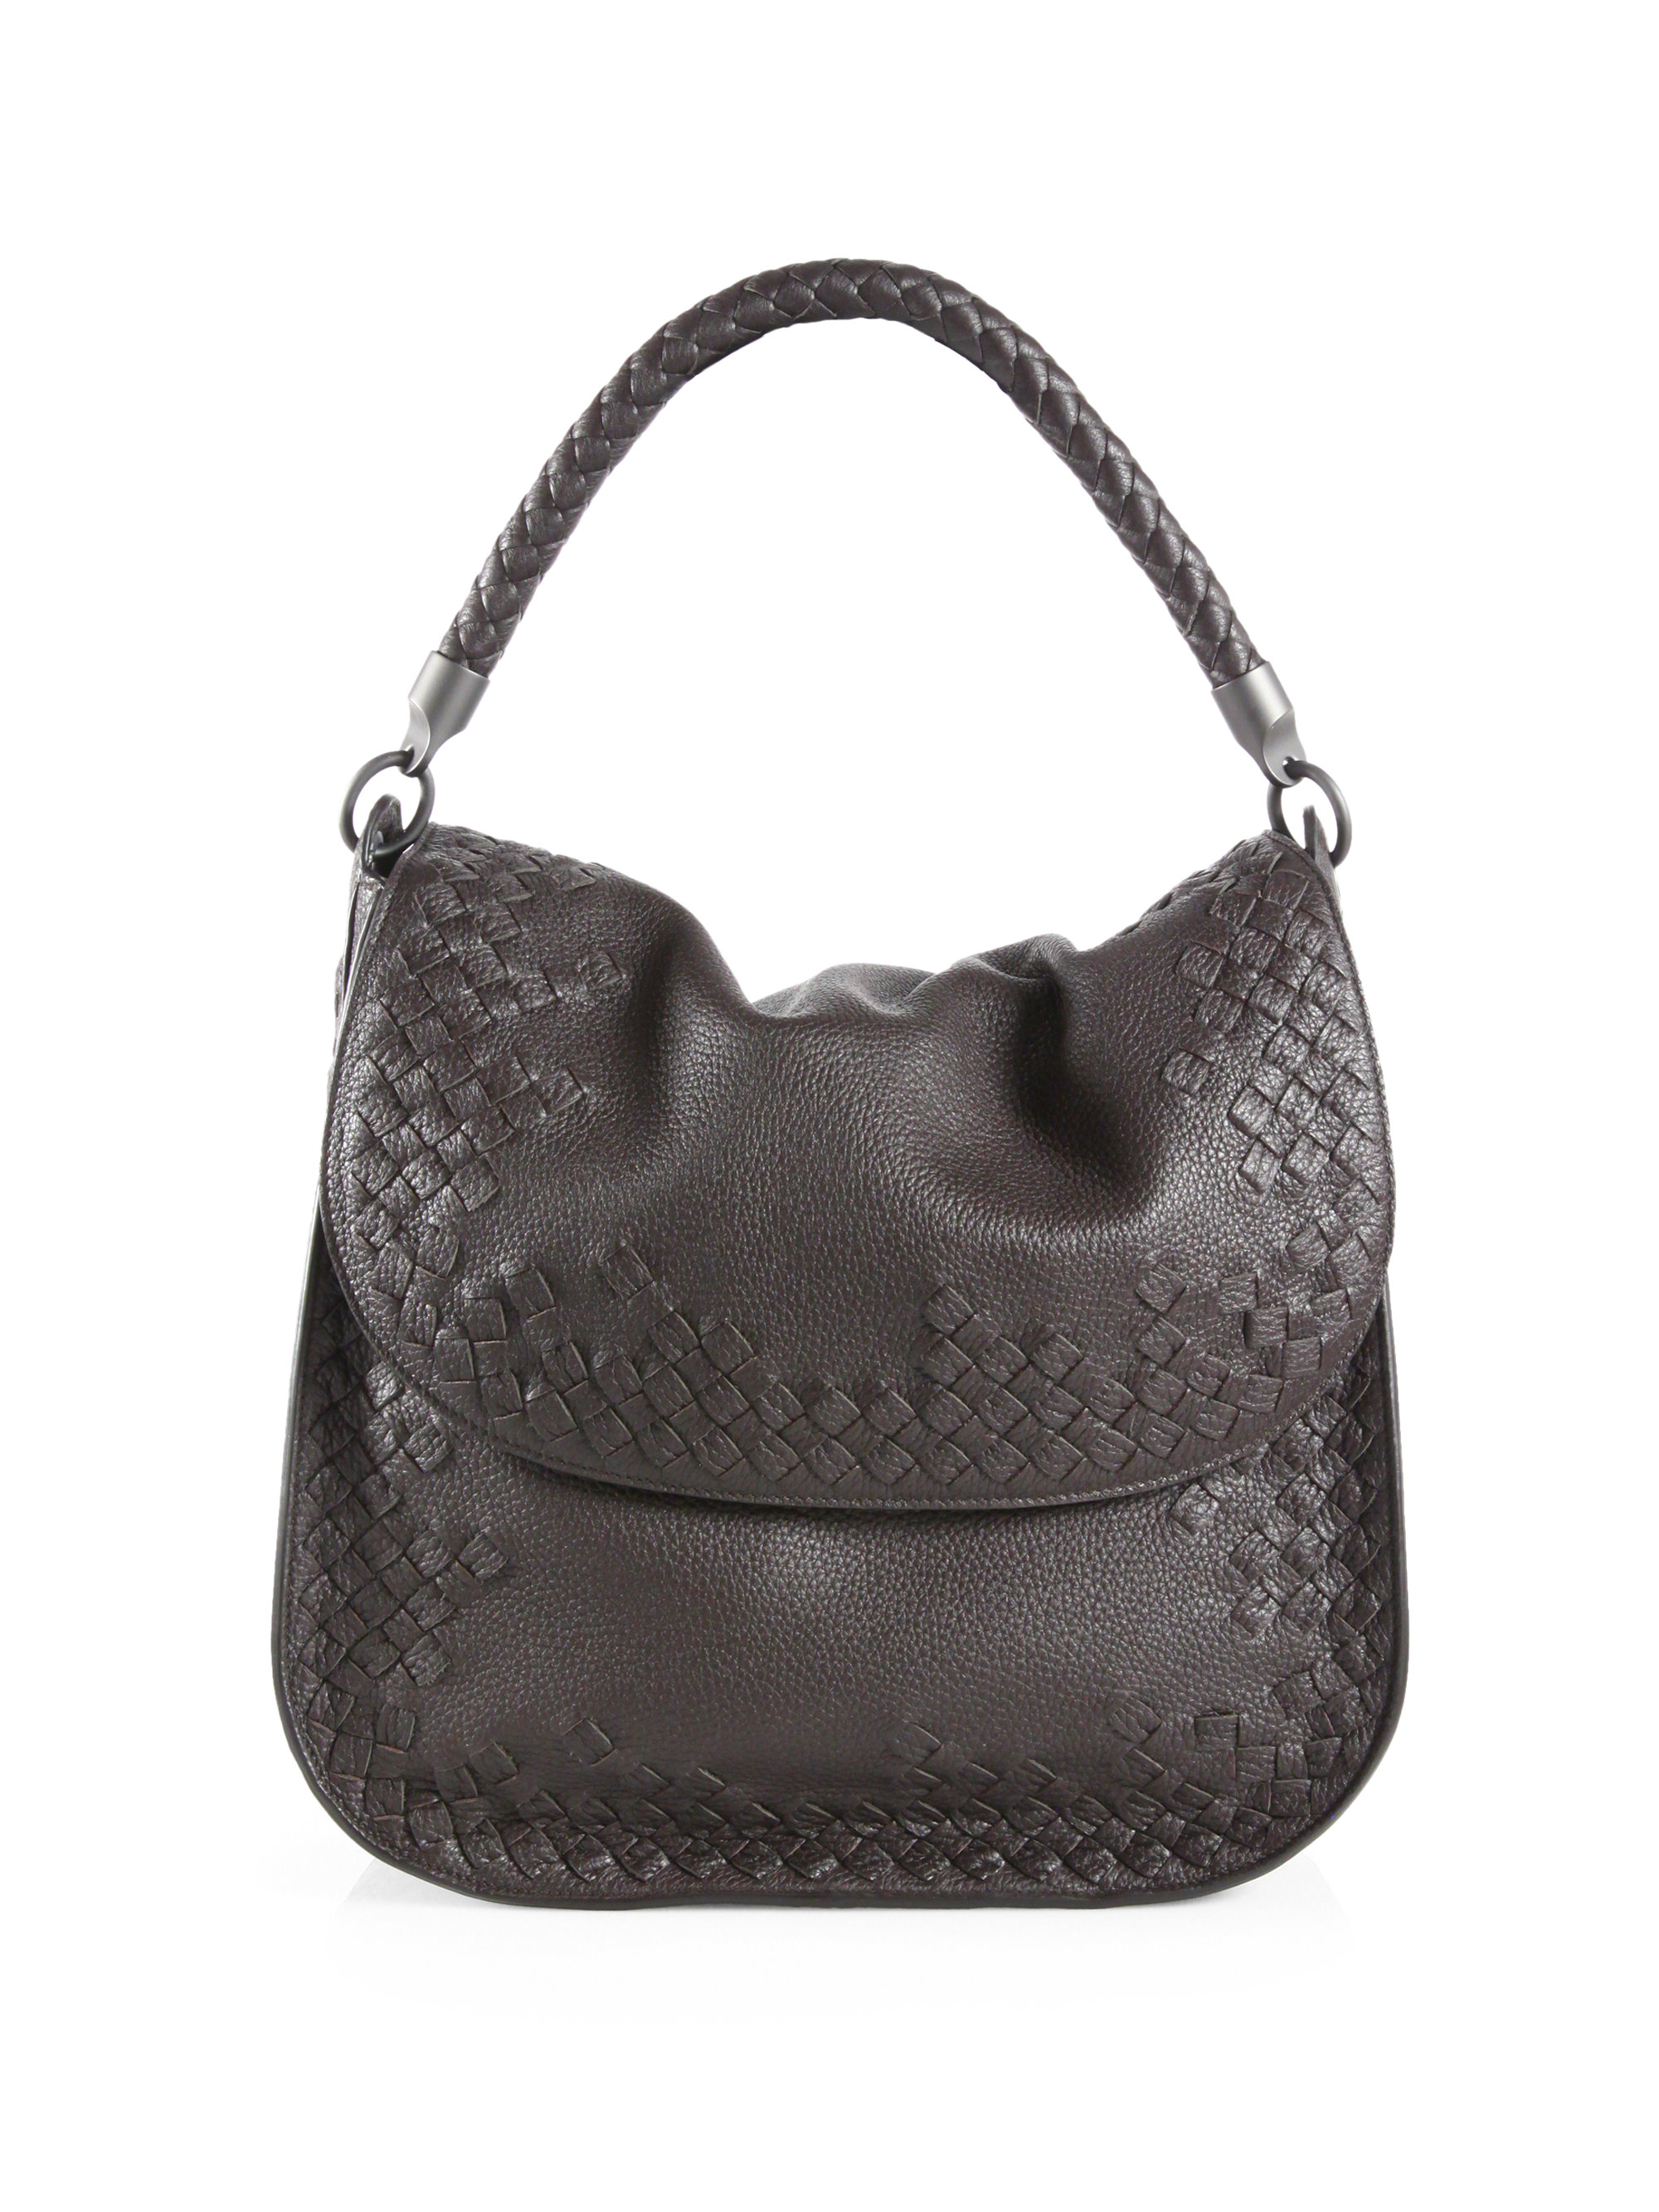 prada purses sale - prada shoulder bag black + white + fire engine red 1